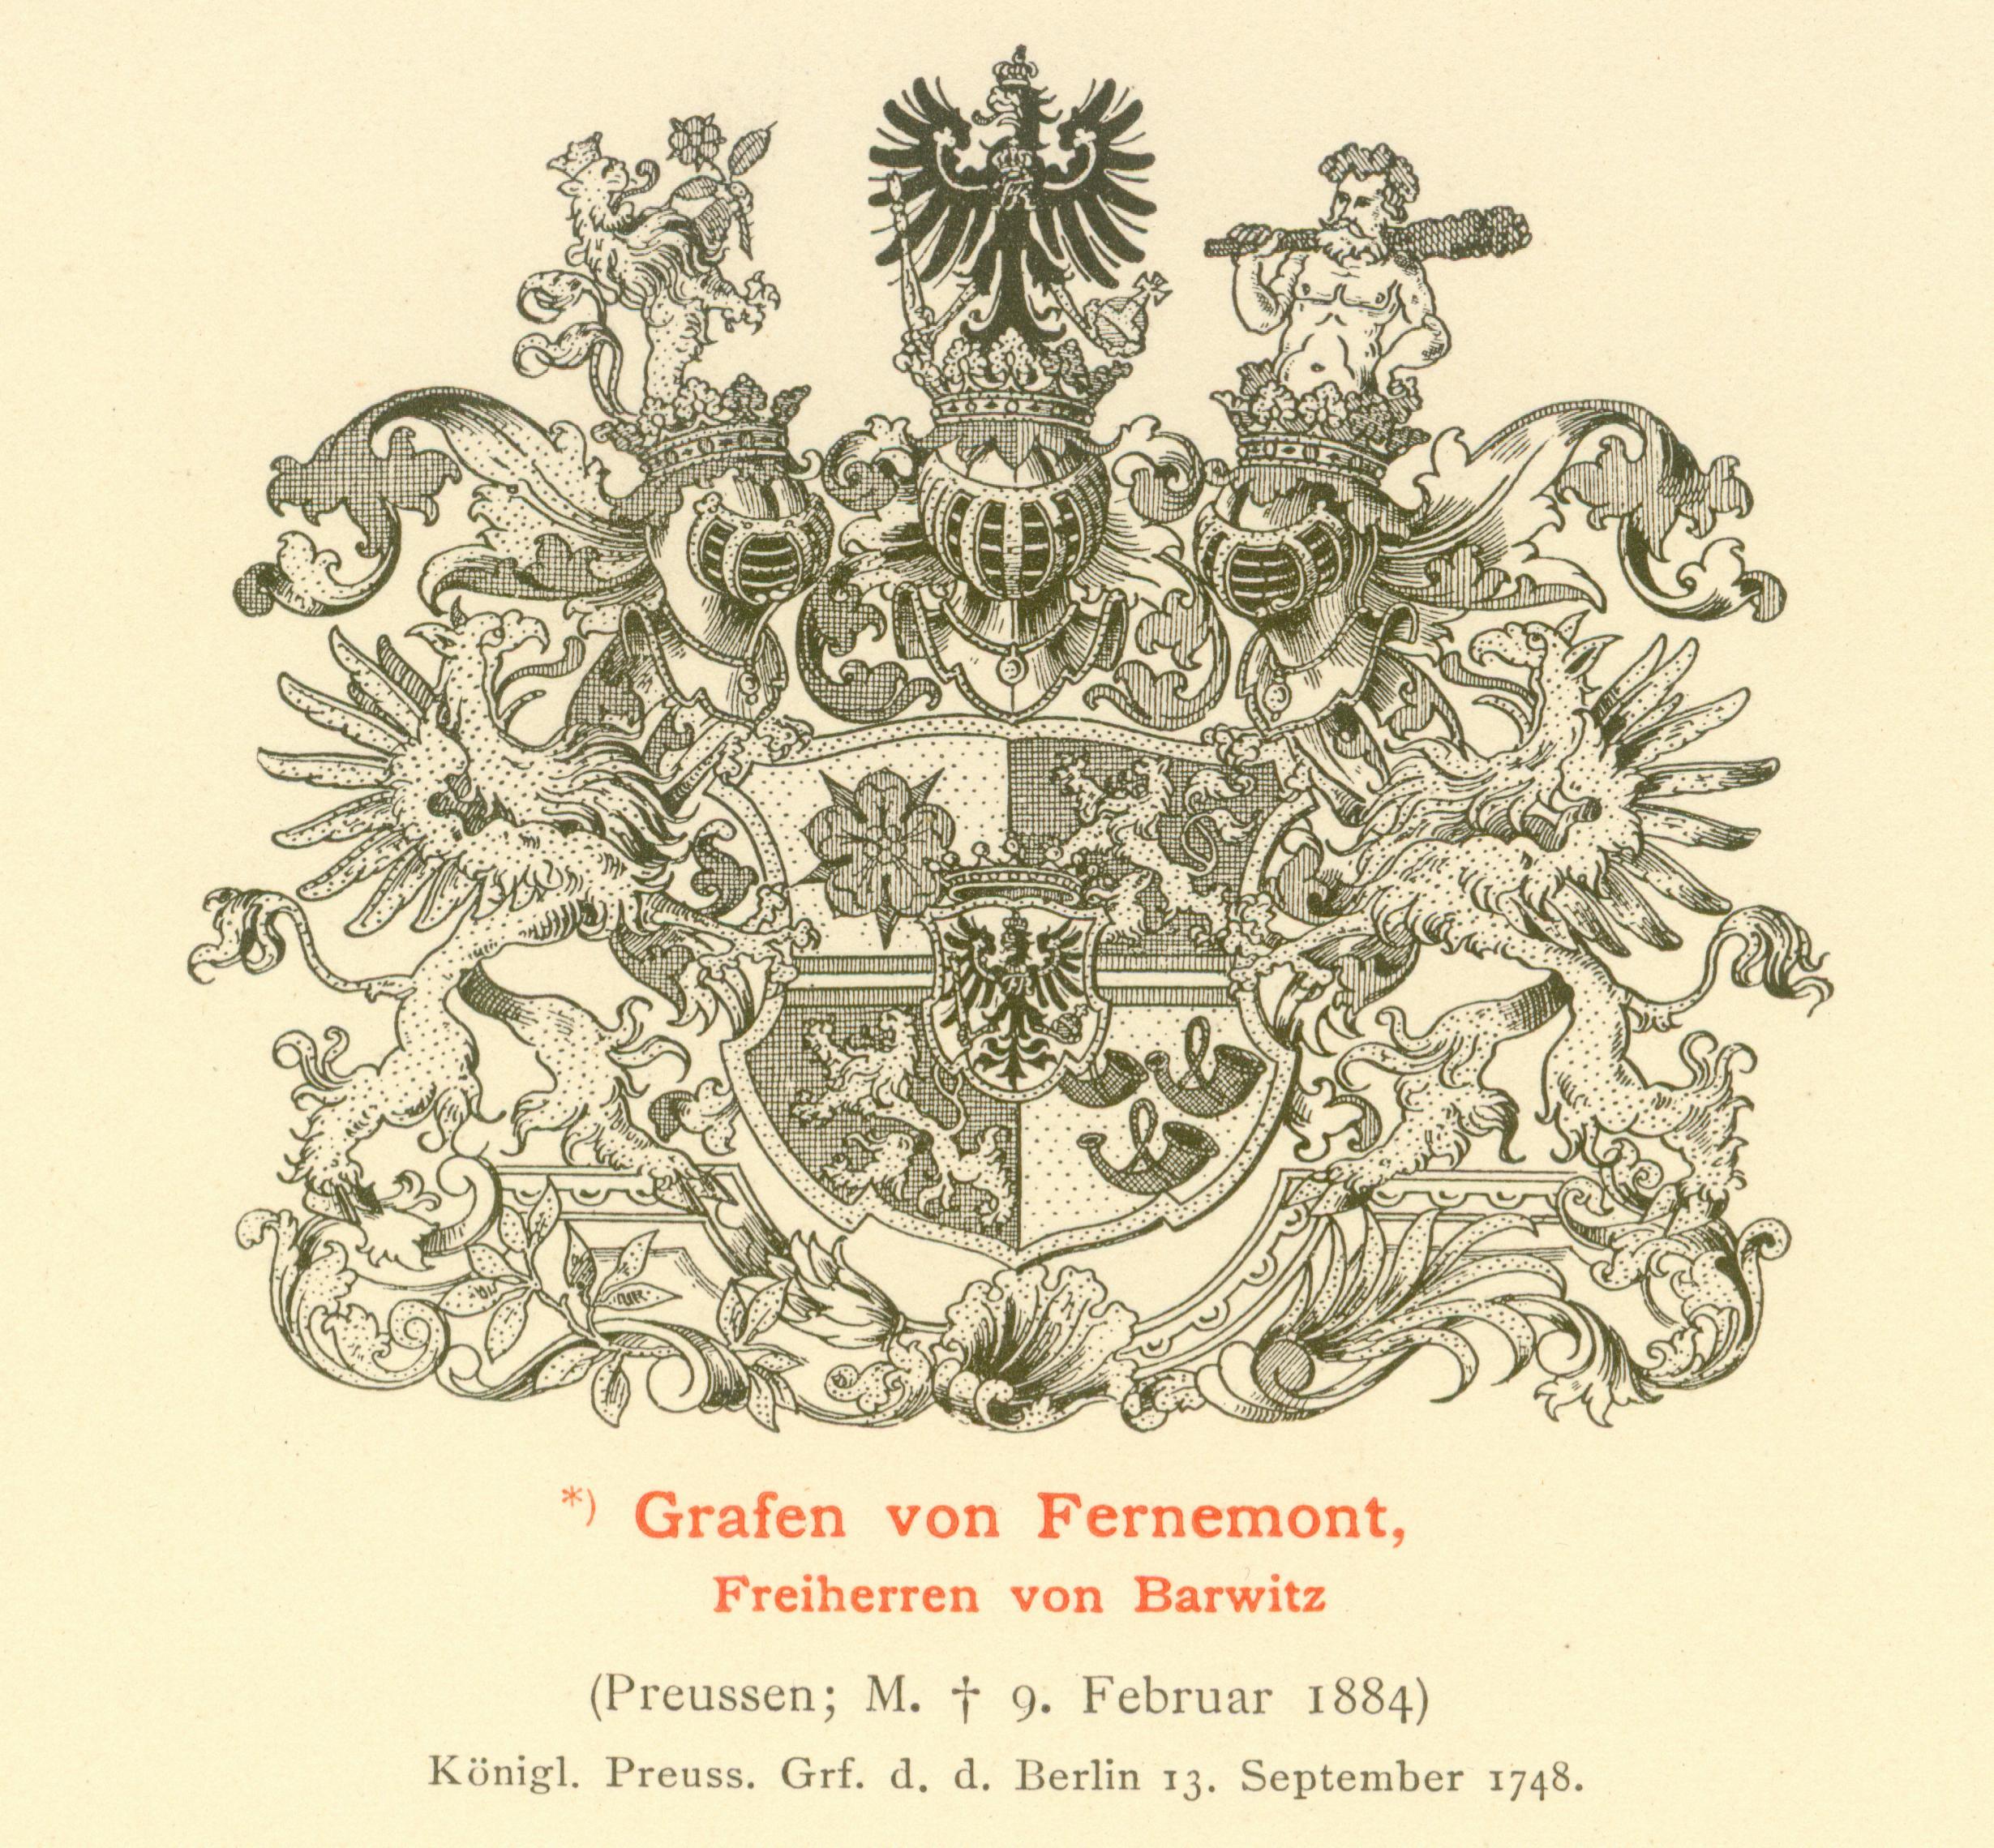 fernemont-von-barwitz